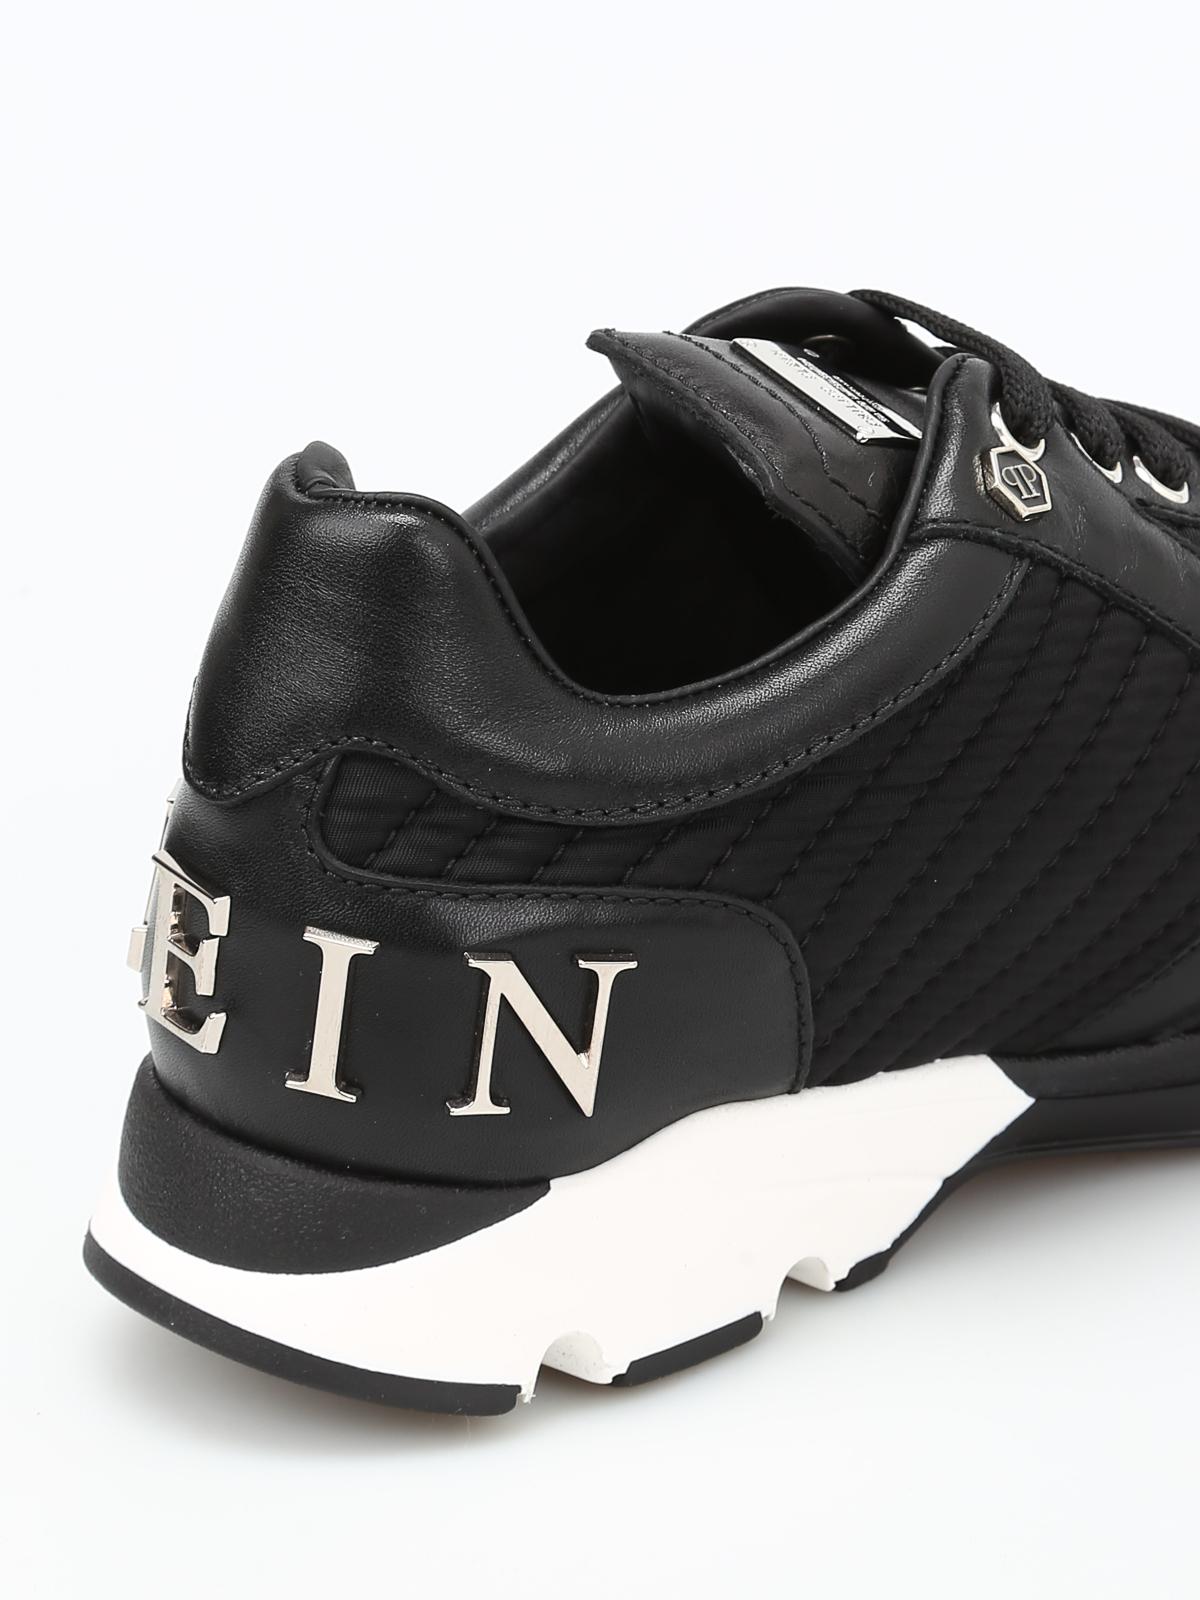 Philipp Plein Baskets Playa Pour Homme Chaussures de